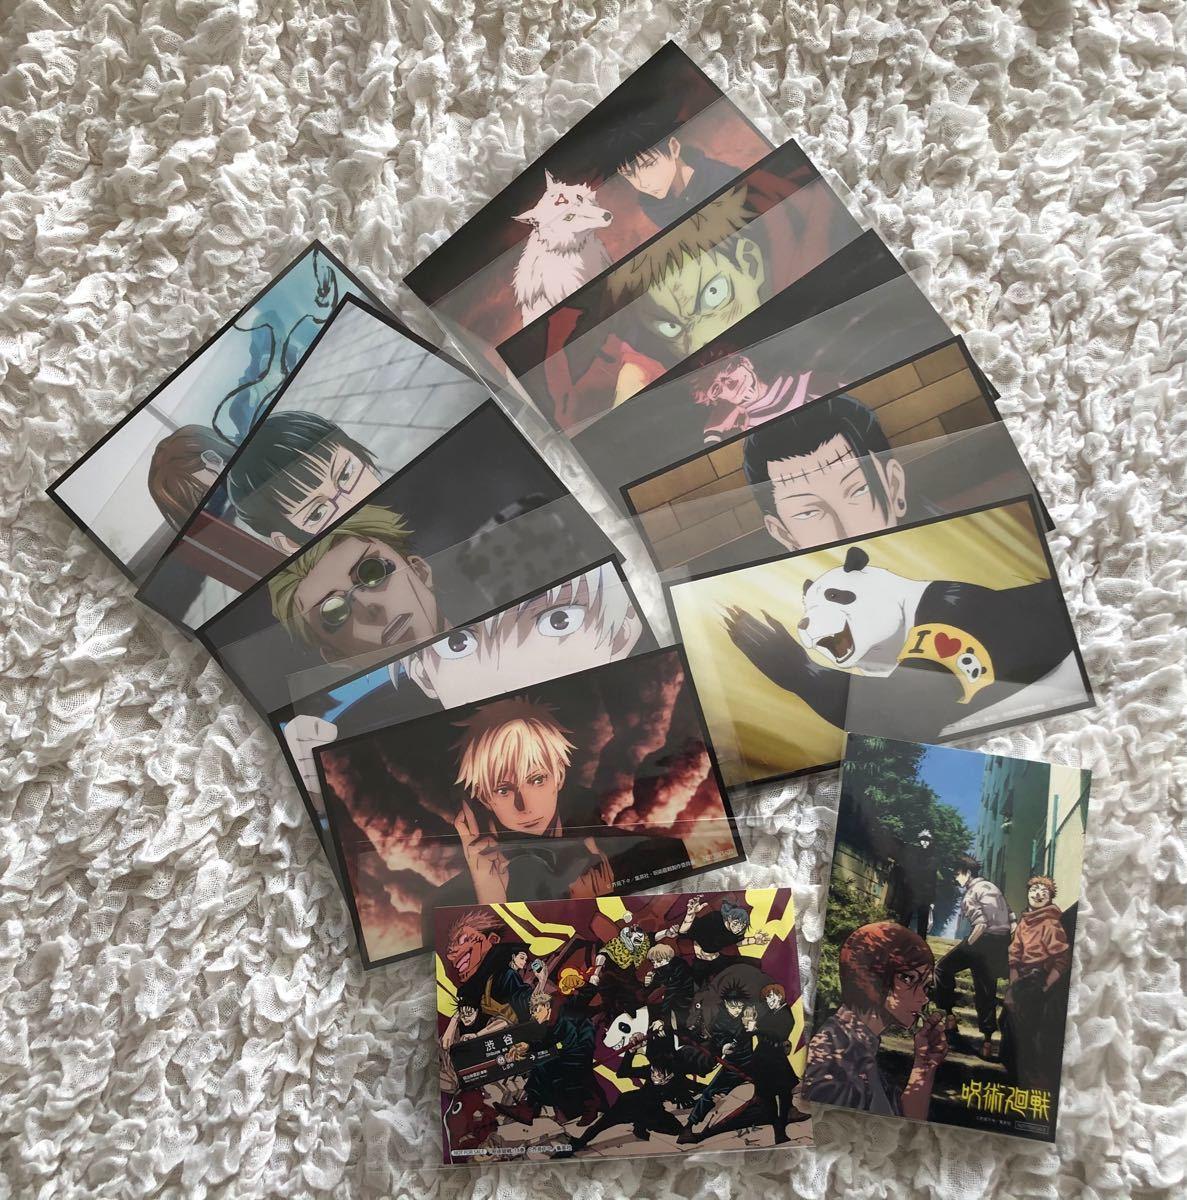 呪術廻戦14巻渋谷事変-理非-特典-初回購入特典カレンダーカード ポストカード全12種オールコンプリートセット